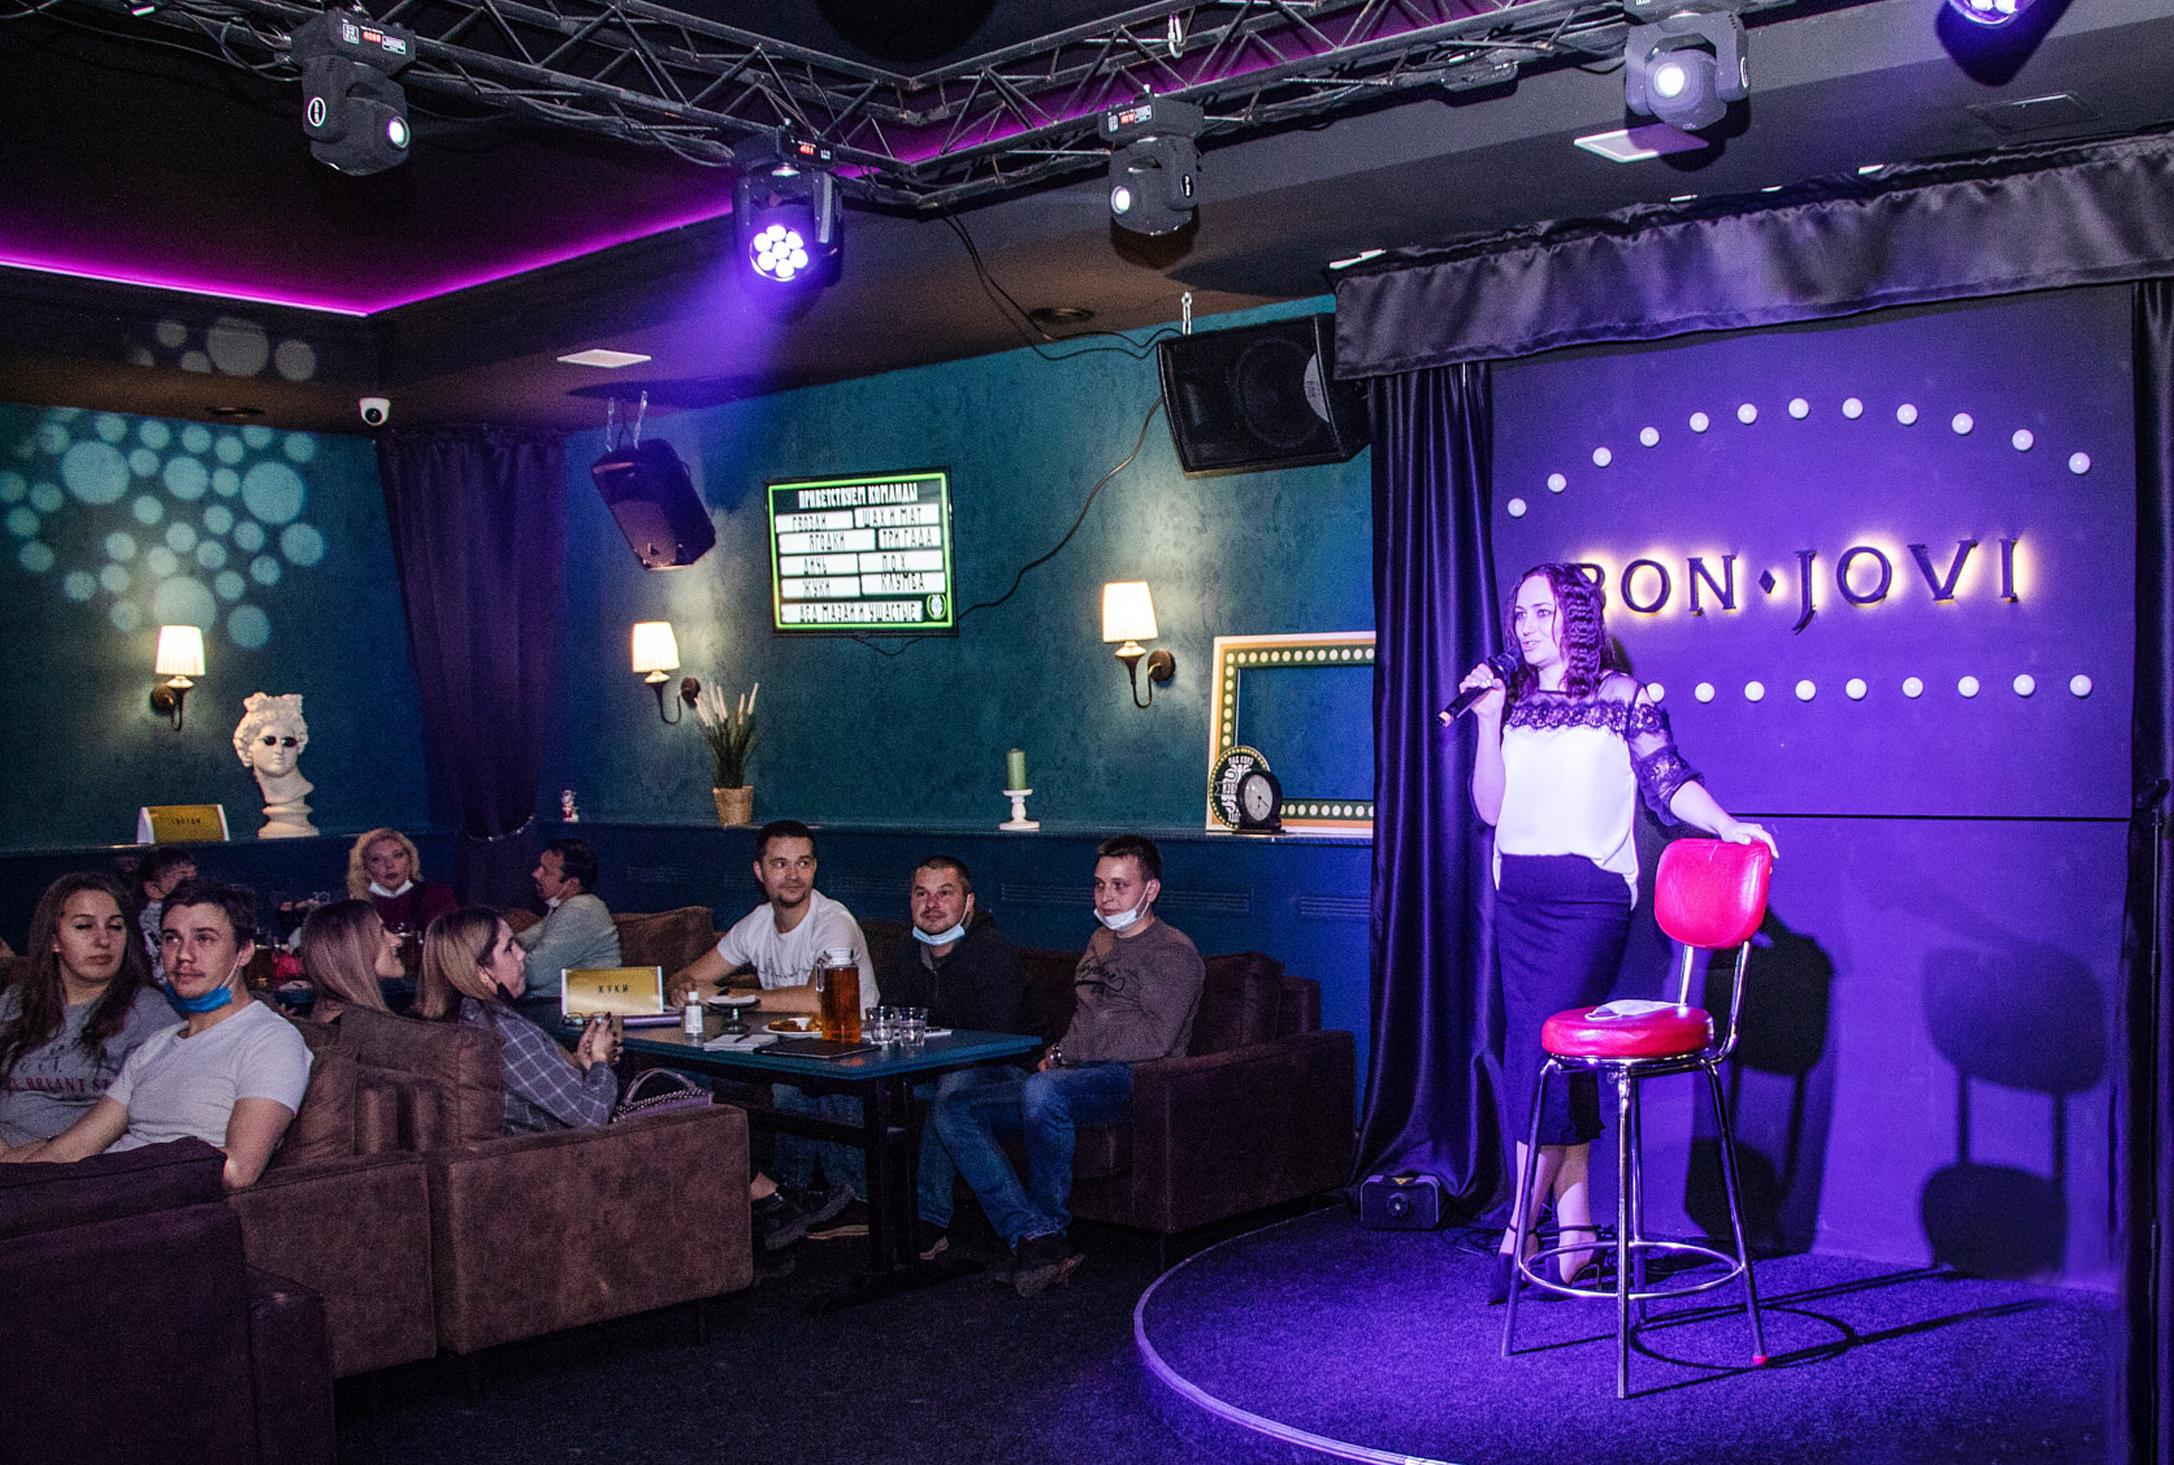 Жительница Удомли выиграла 1,6 млн рублей на воплощение бизнес-идеи